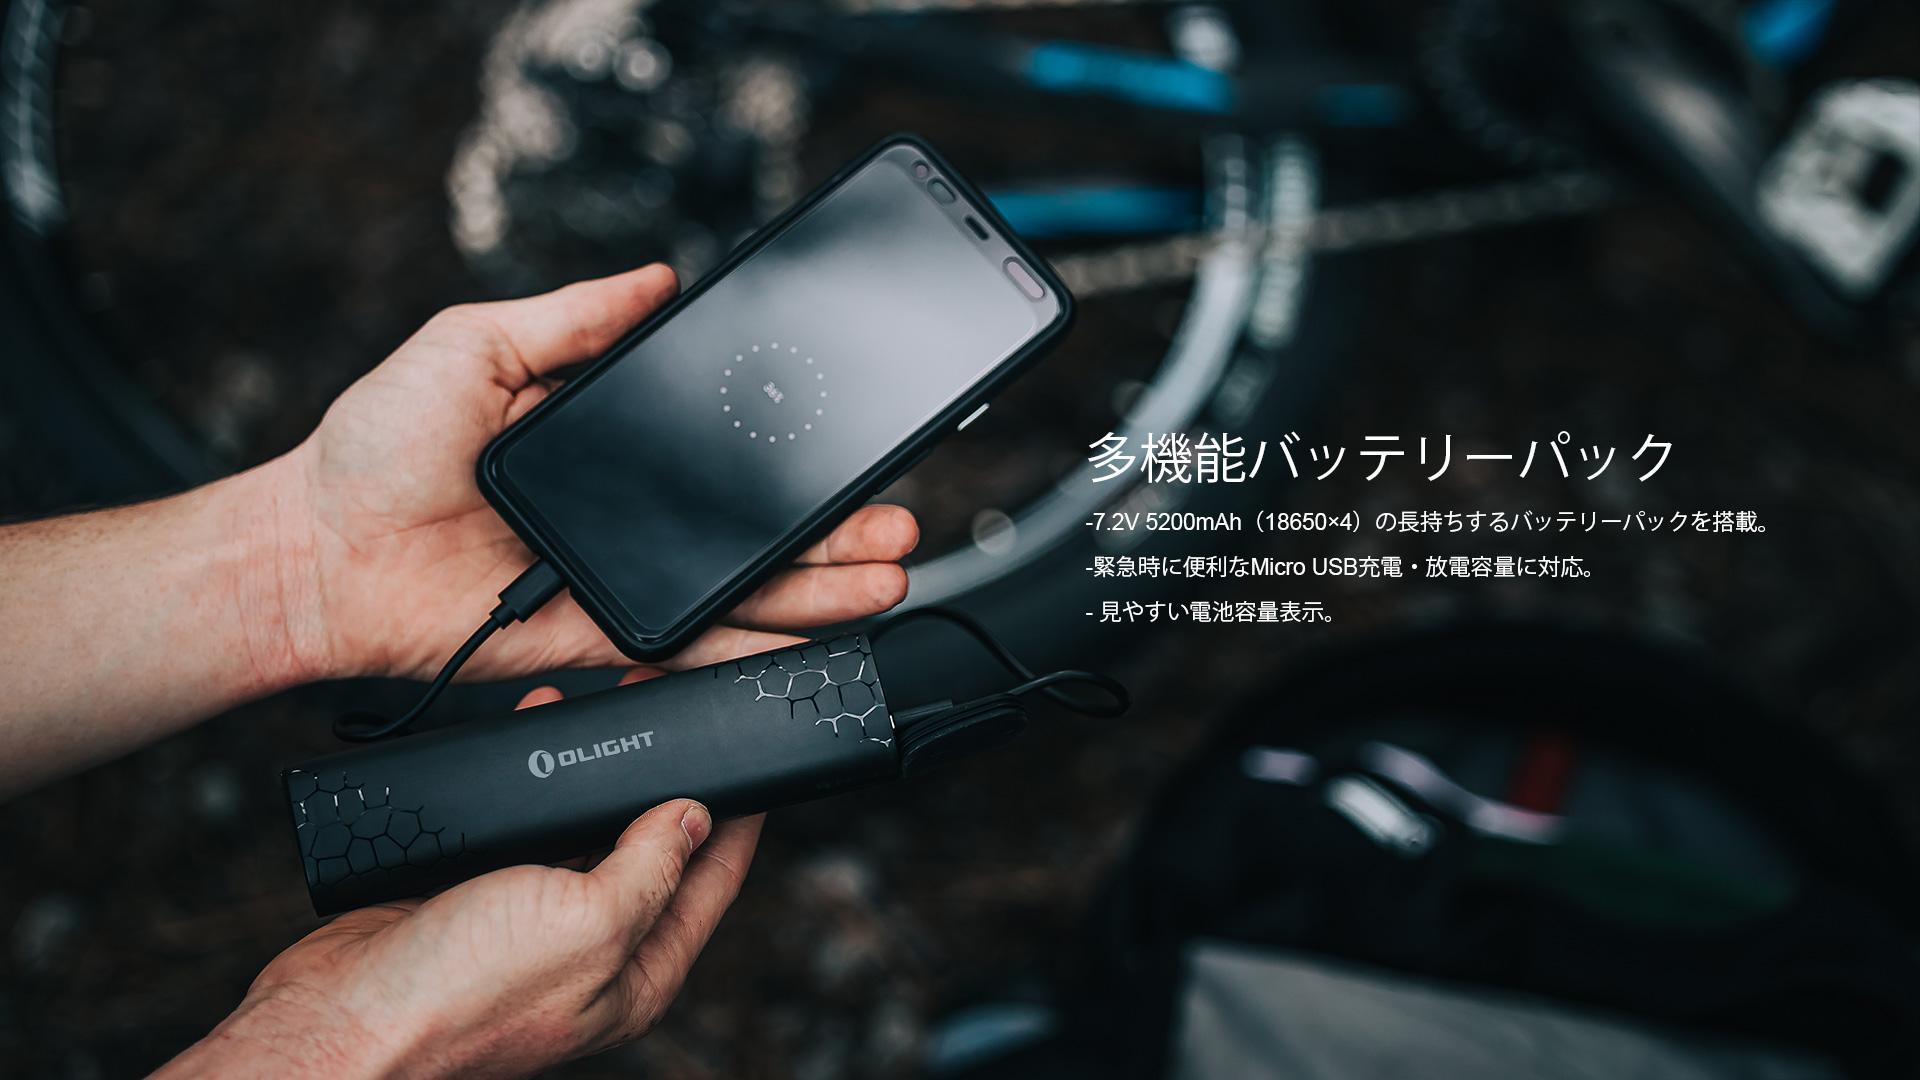 RN3500は、緊急時に携帯電話に電力を供給するためのモバイルパワーバンクとして使用できます。